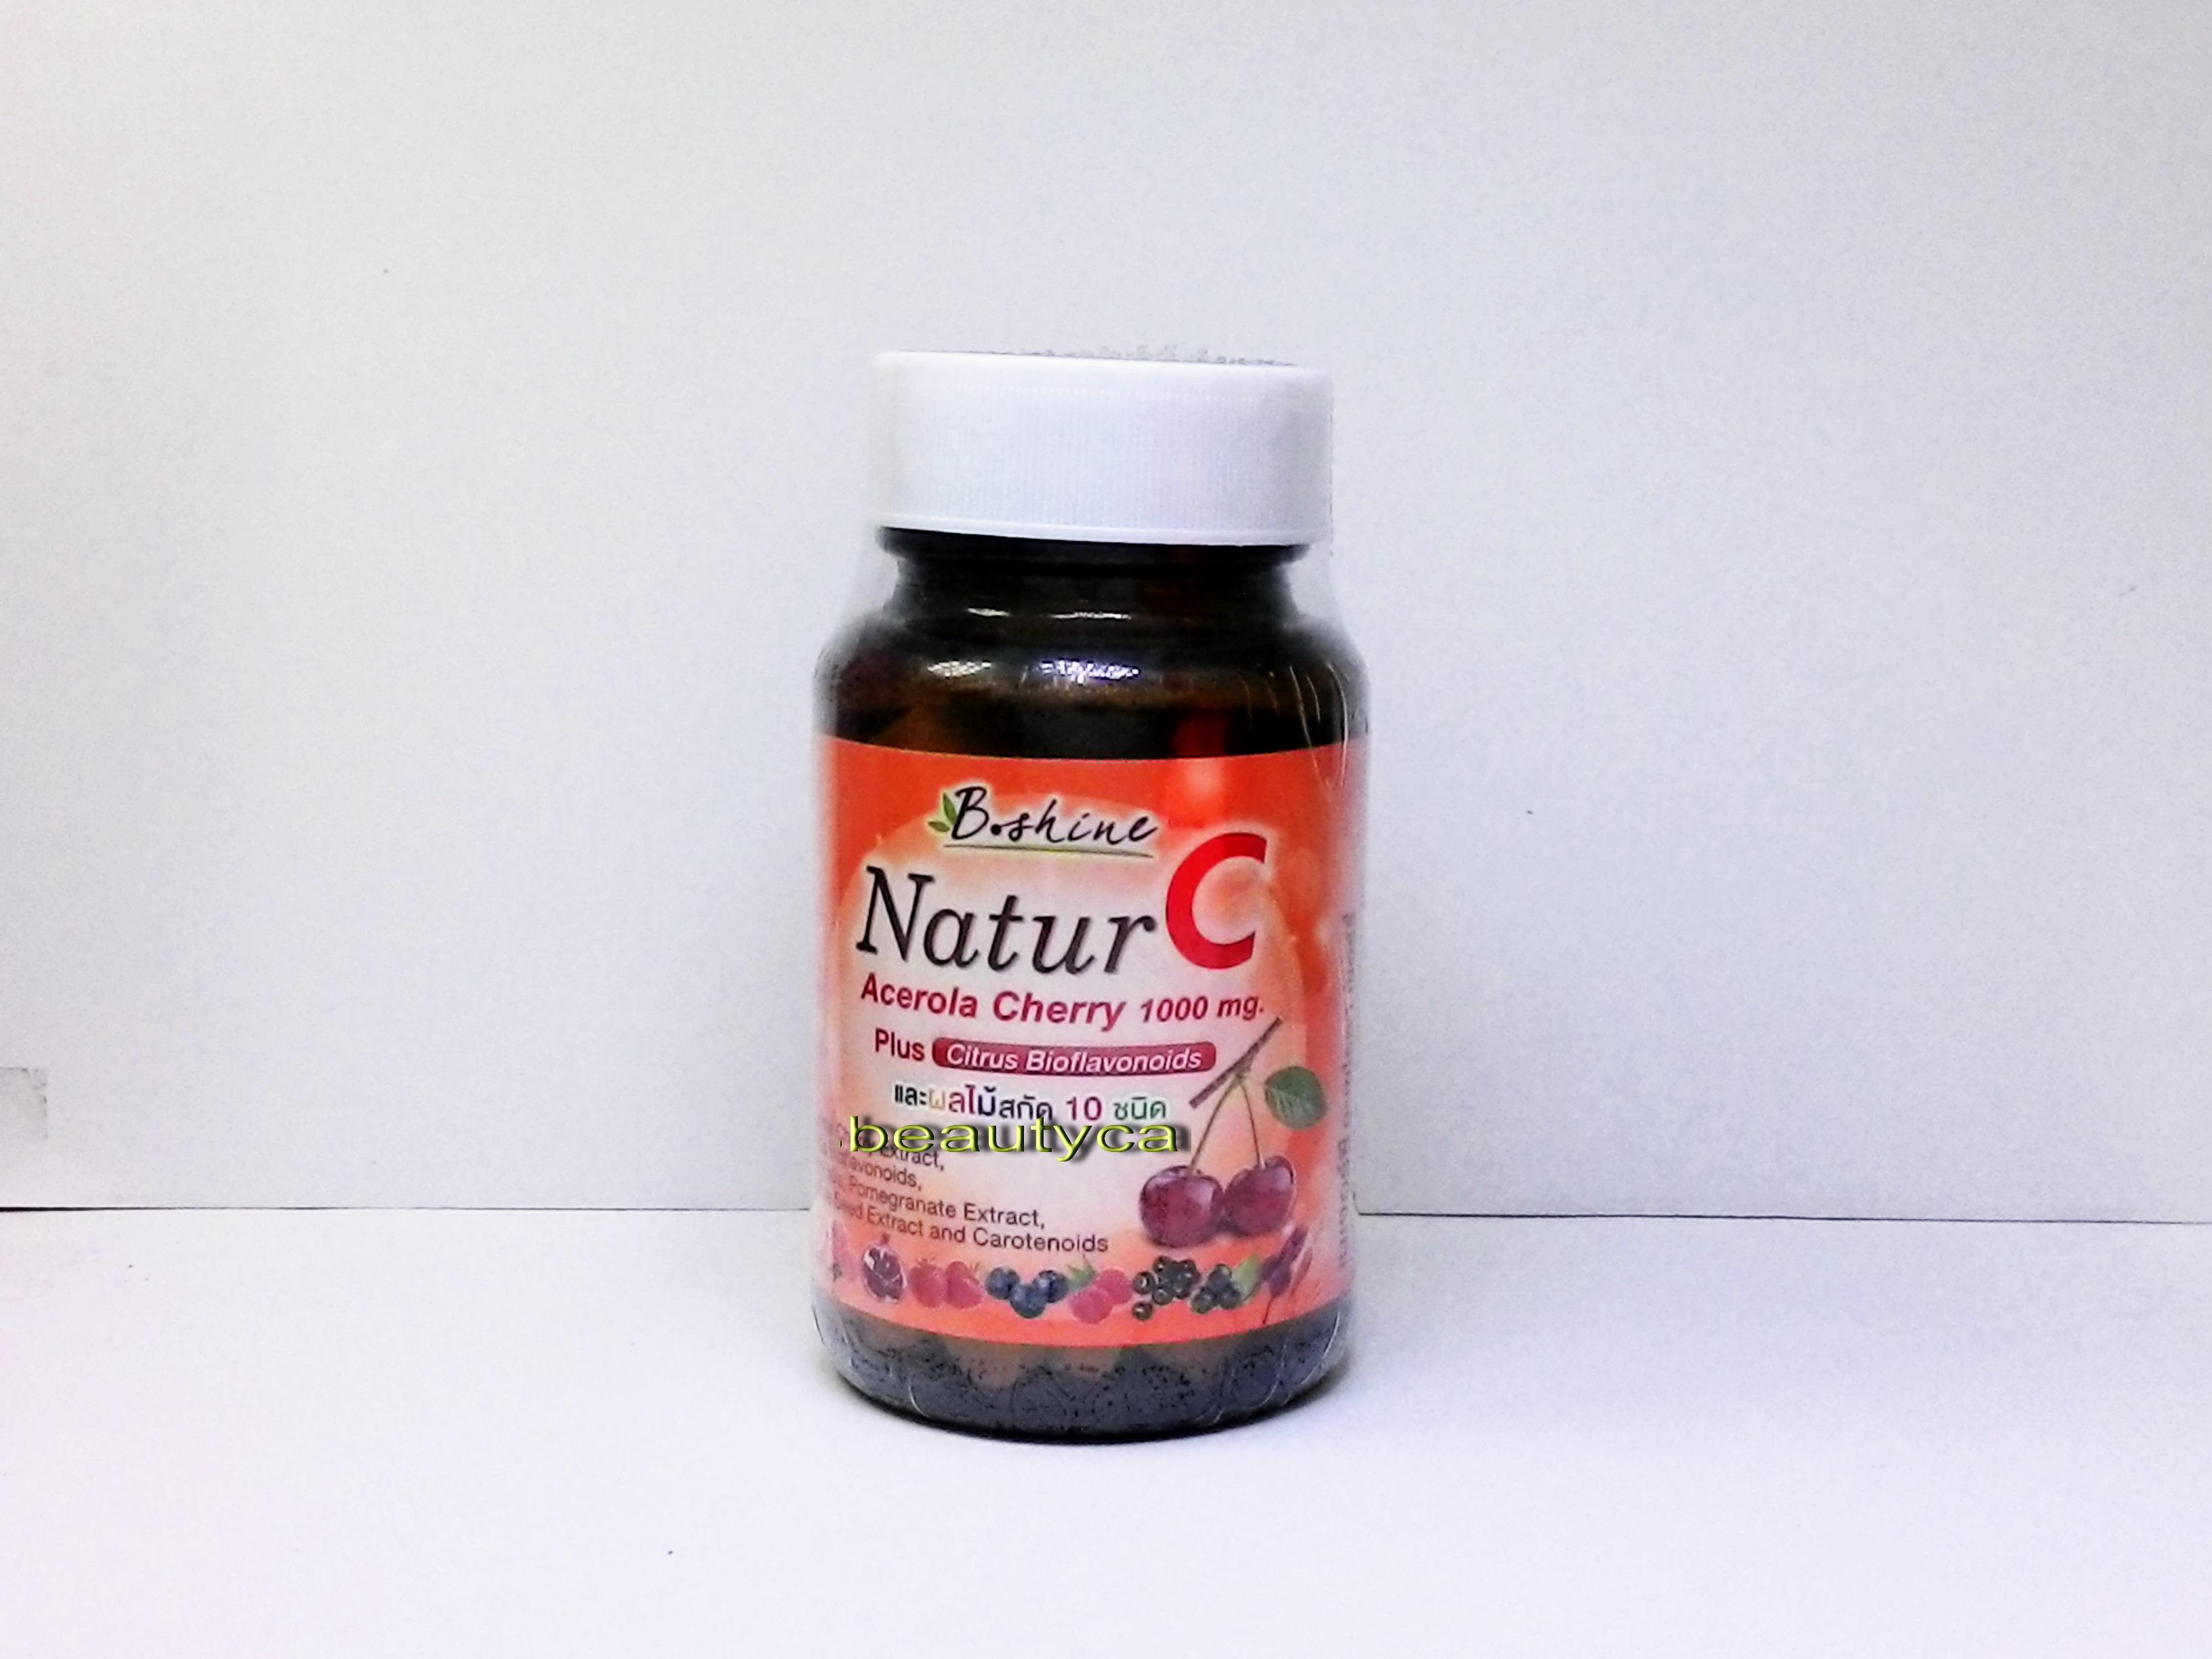 ์์Natur C Acerola Cherry เนเจอร์ซี อะเซโรลา เชอร์รี่ วิตามินซีธรรมชาติ เพื่อดูแลผิวและเสริมภูมิต้านทาน